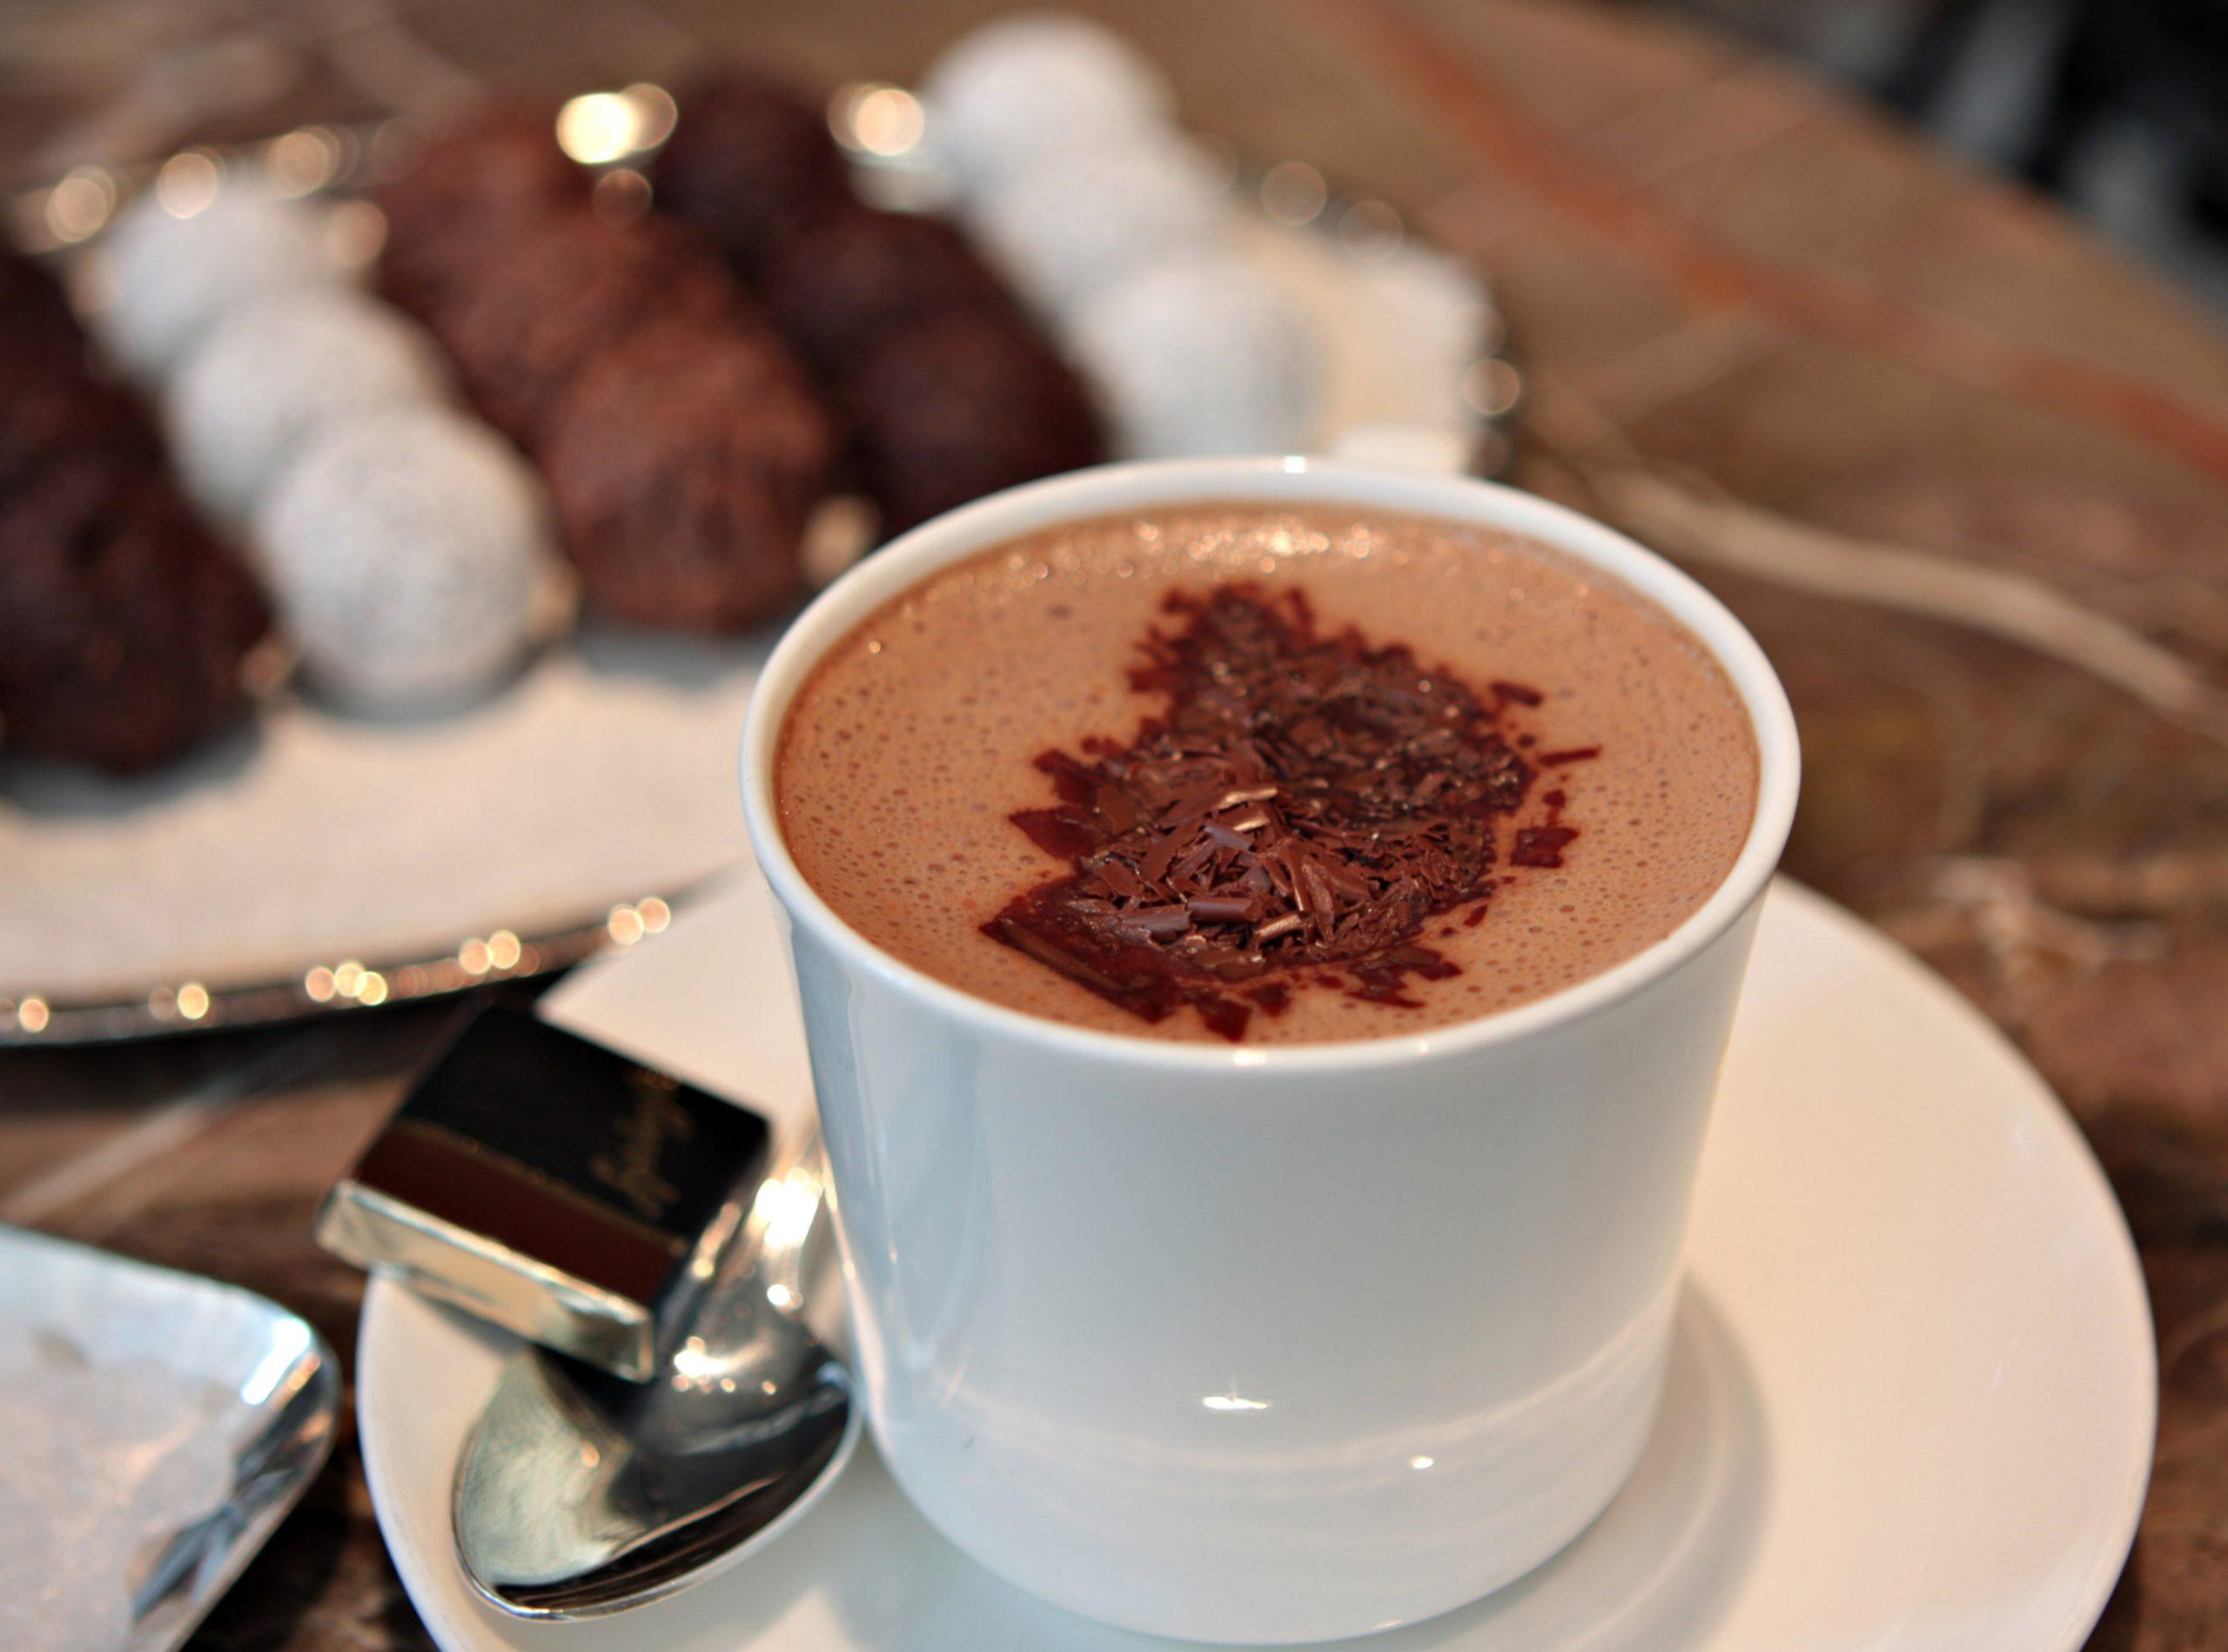 Фото какао с шоколадом.